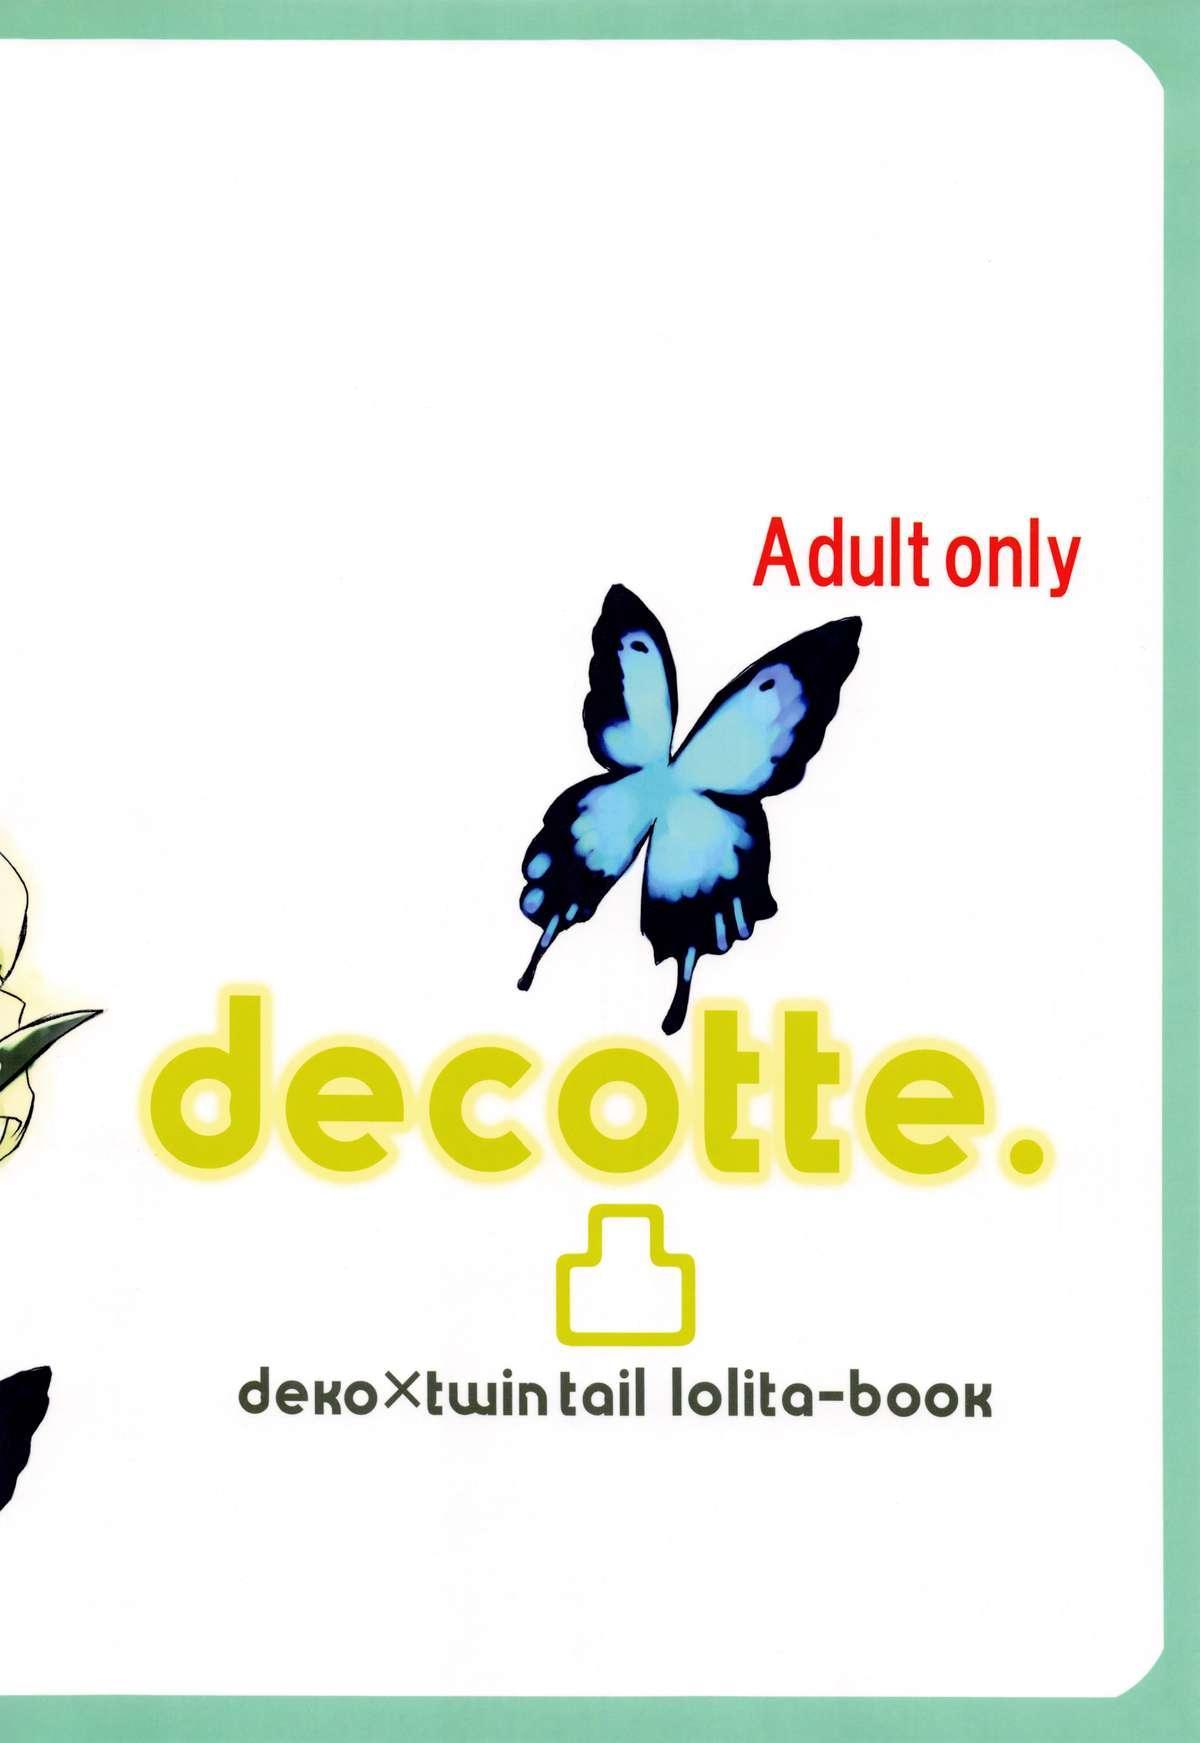 decotte. 1